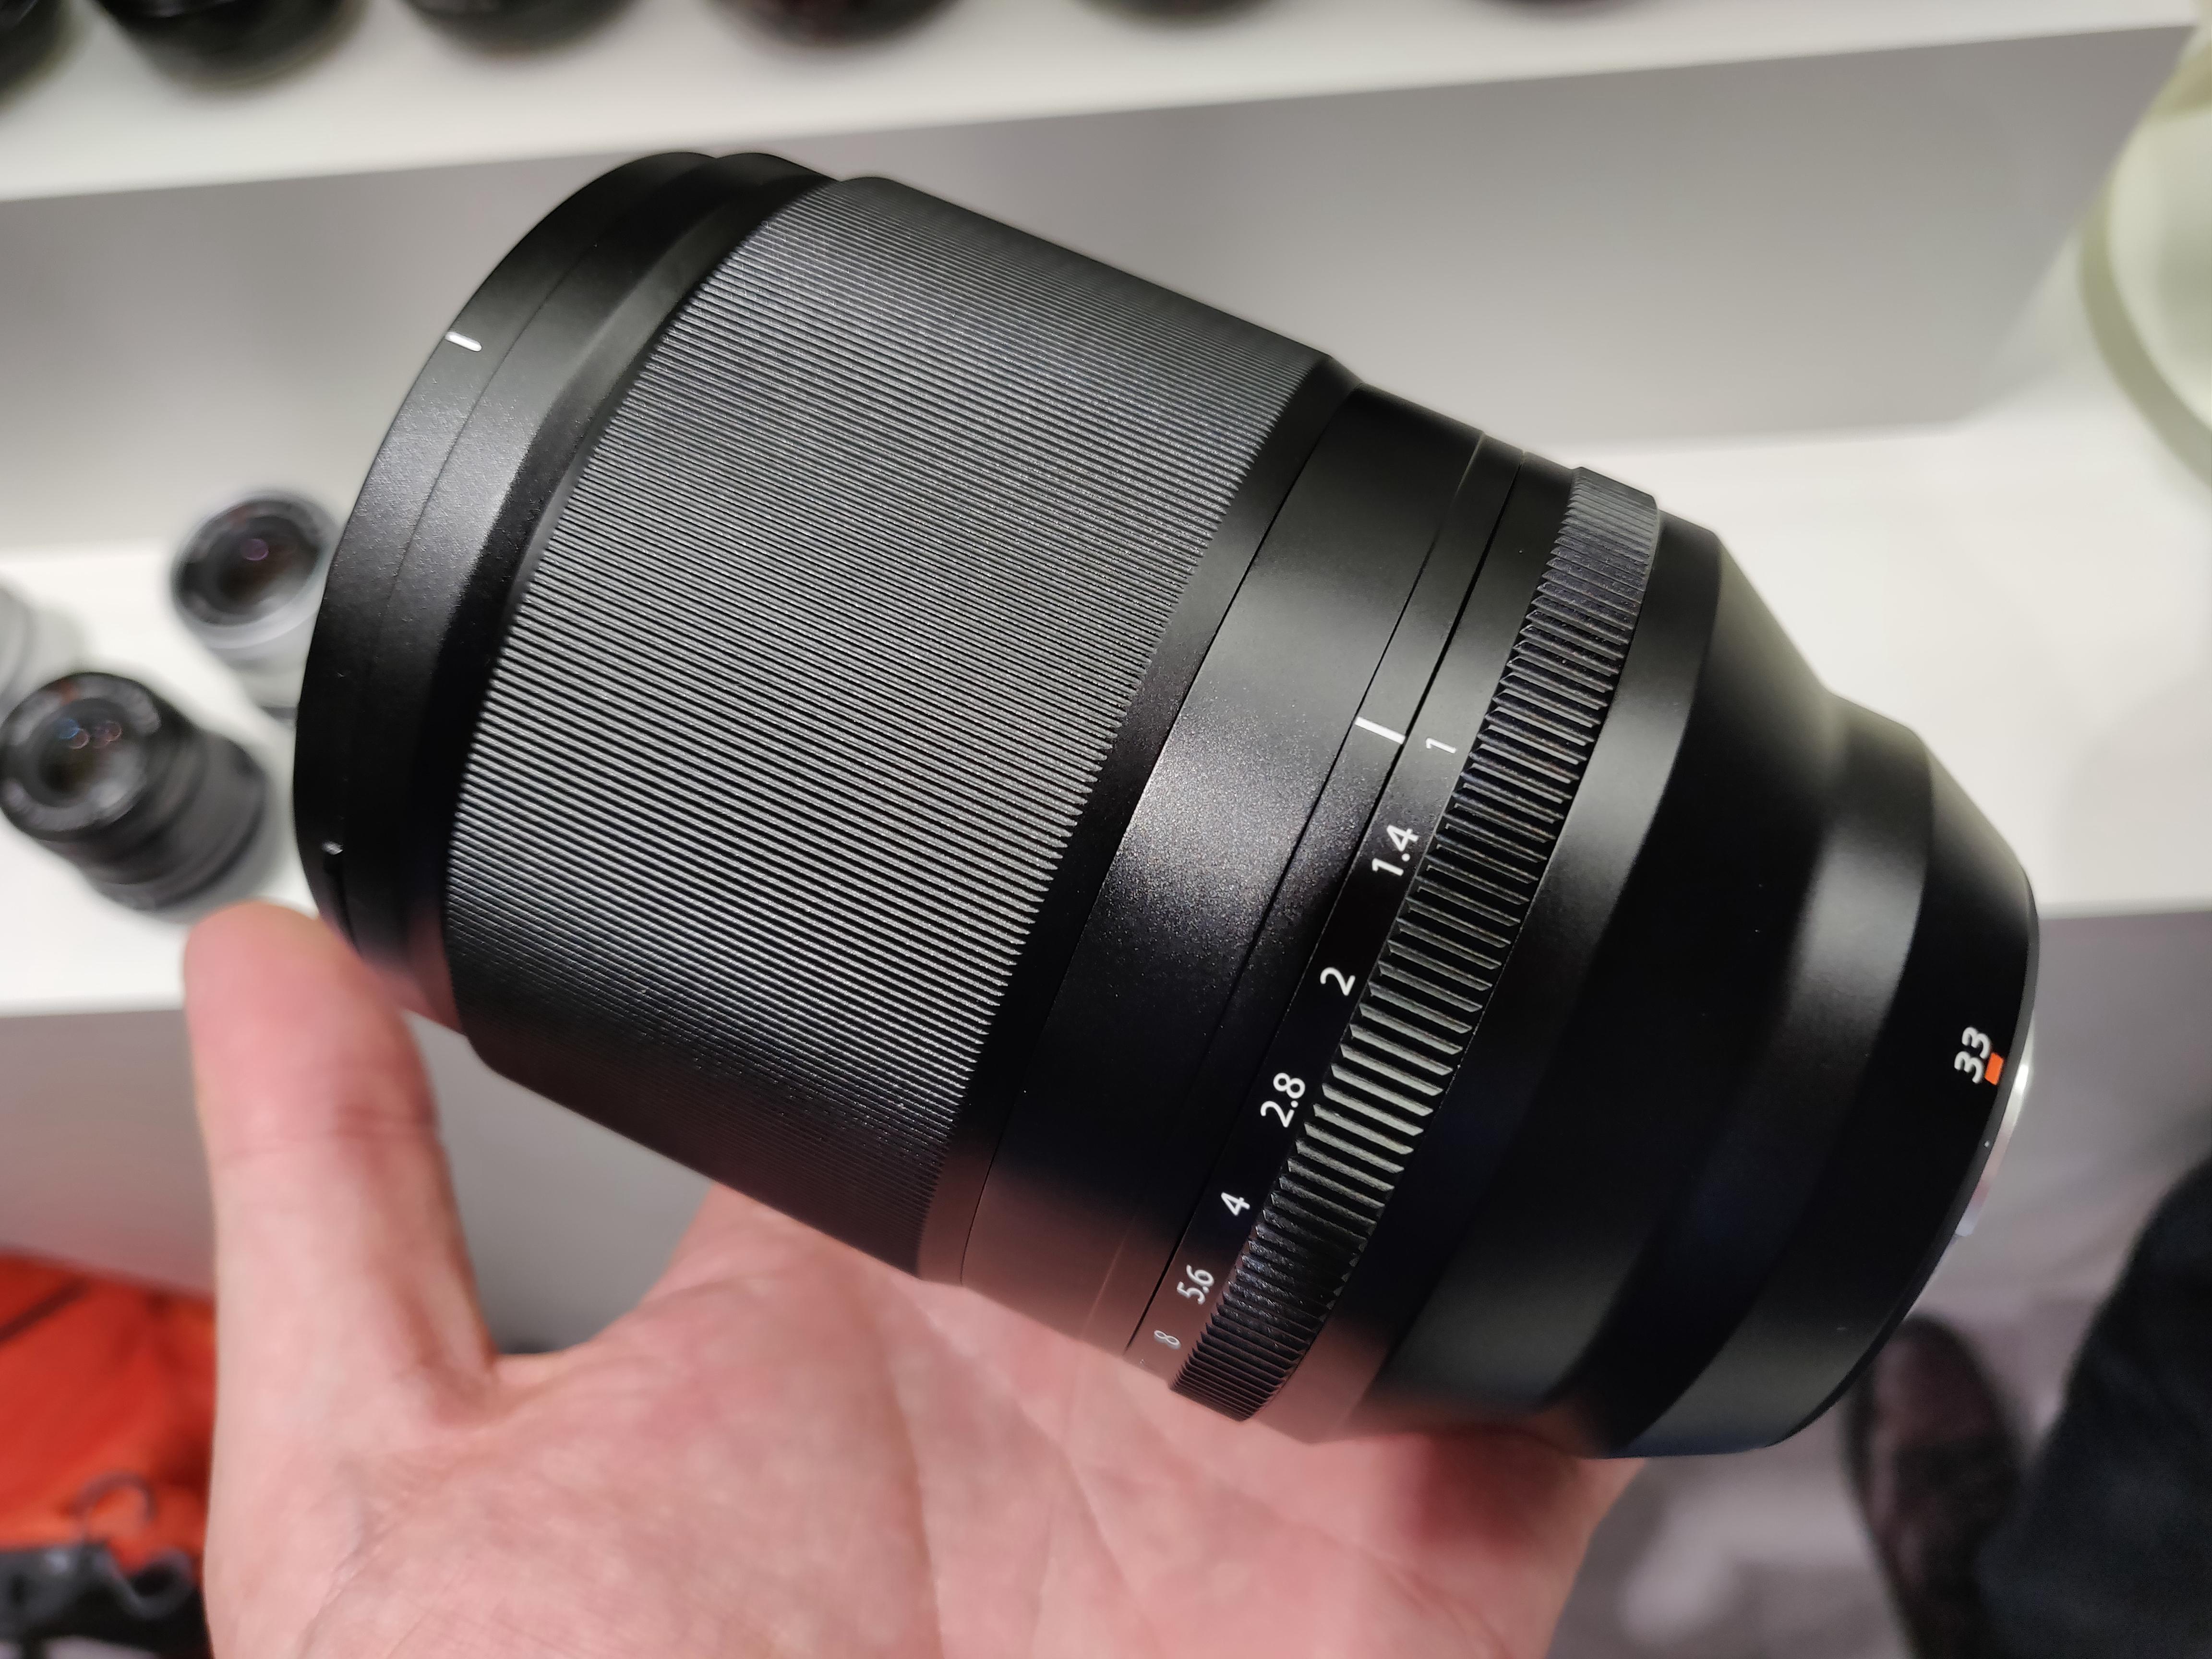 Fujifilm XF 33mm f/1.0, 16mm f/2.8, 16-80mm f/4 First Look